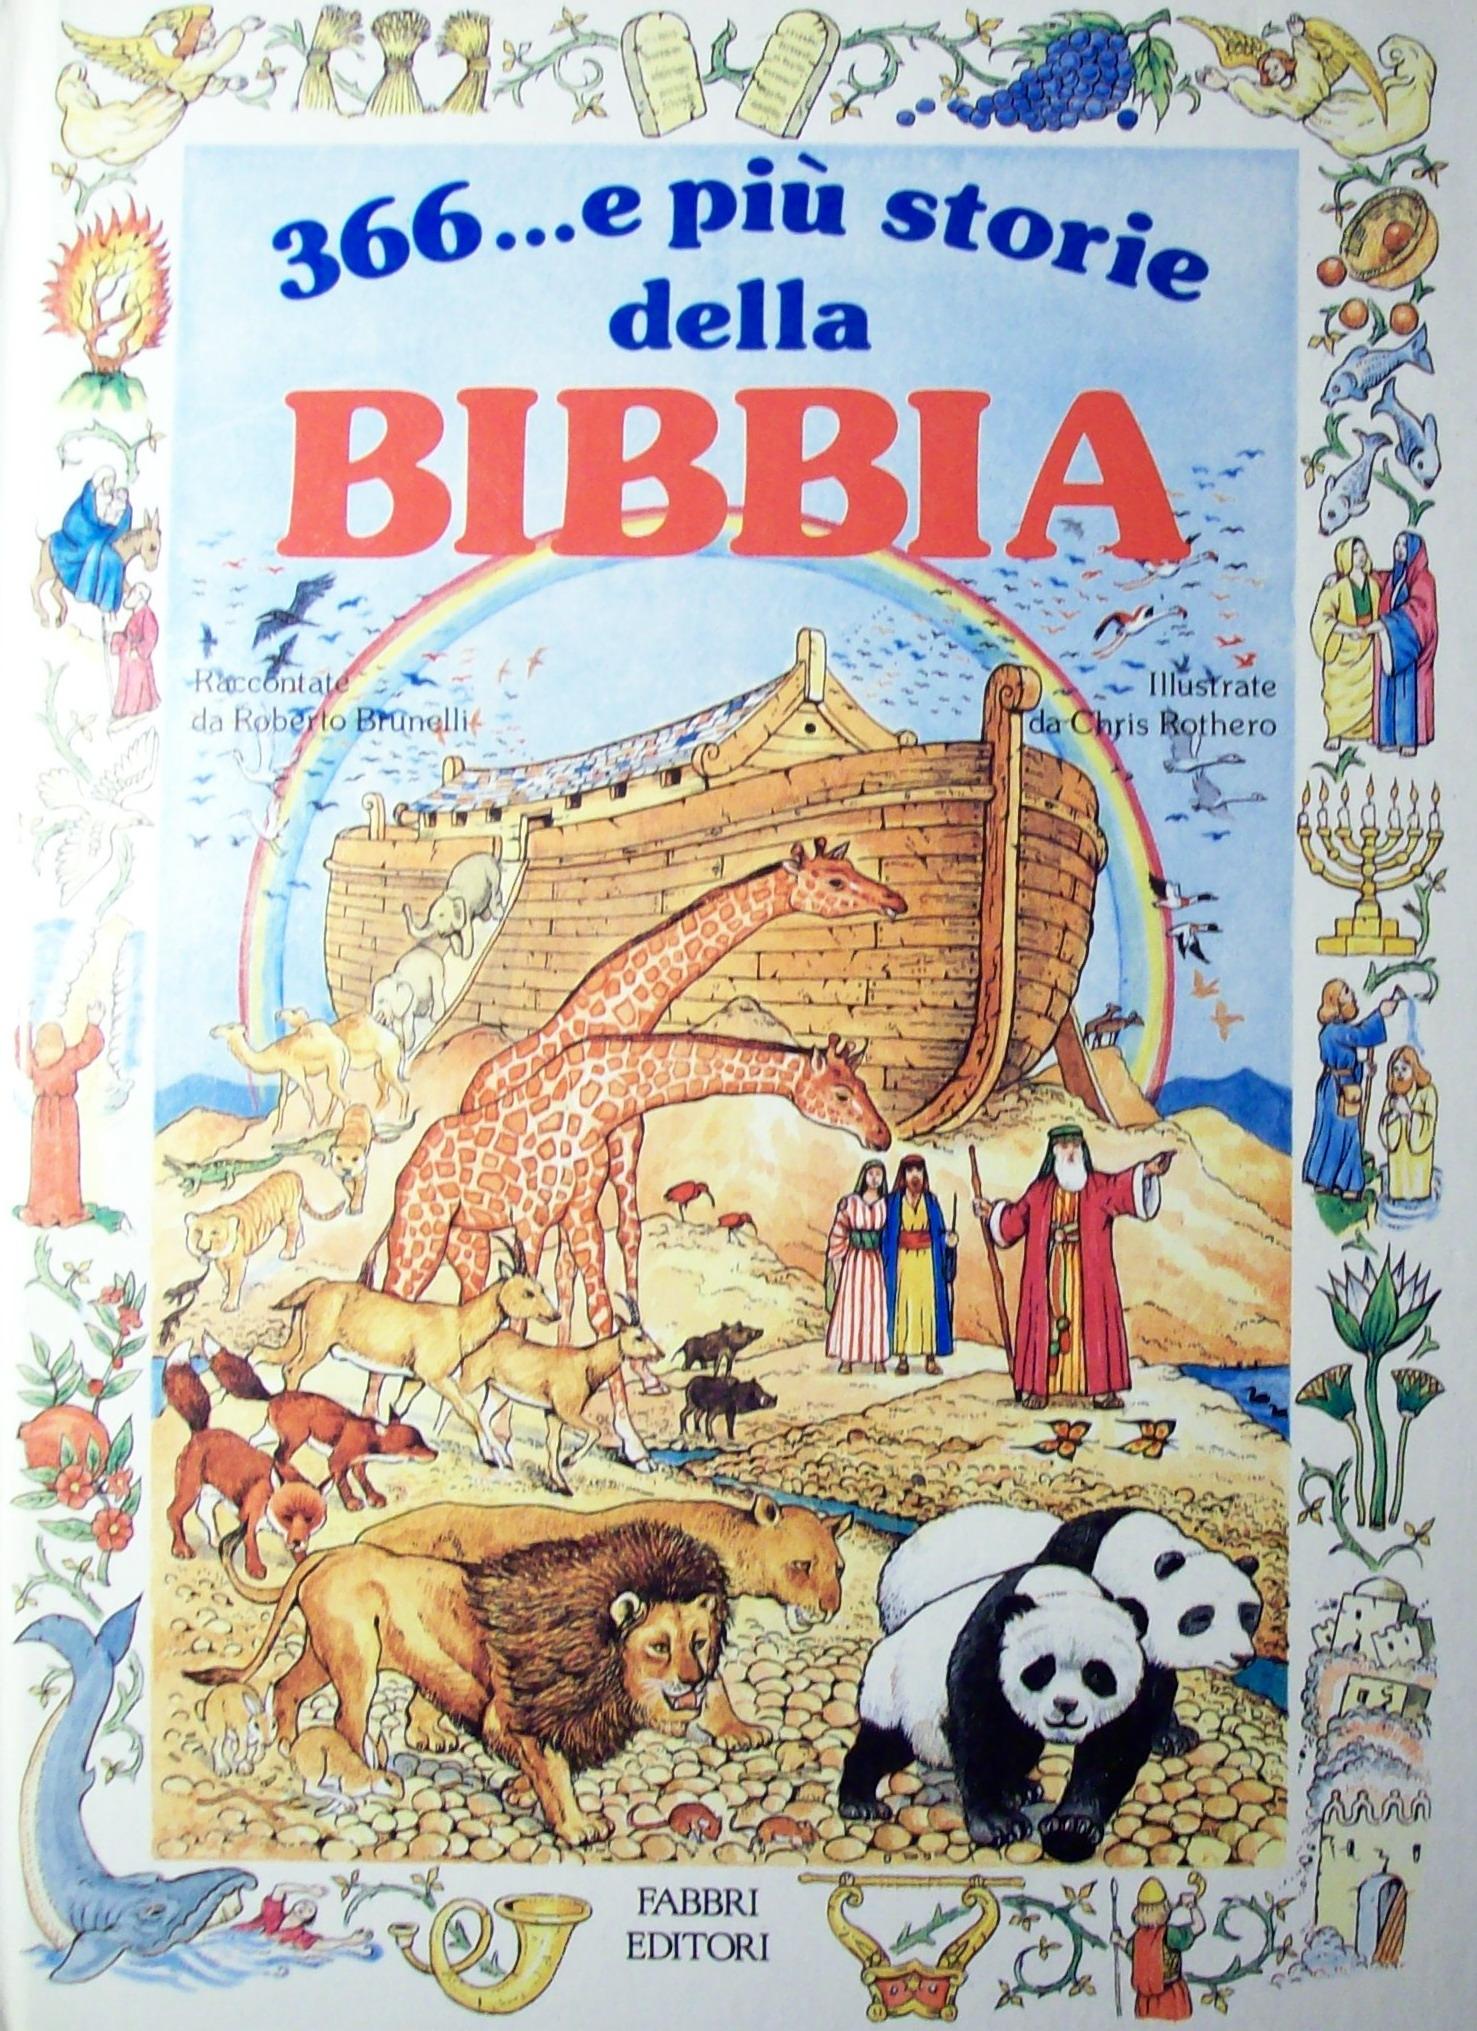 366... e più storie della Bibbia